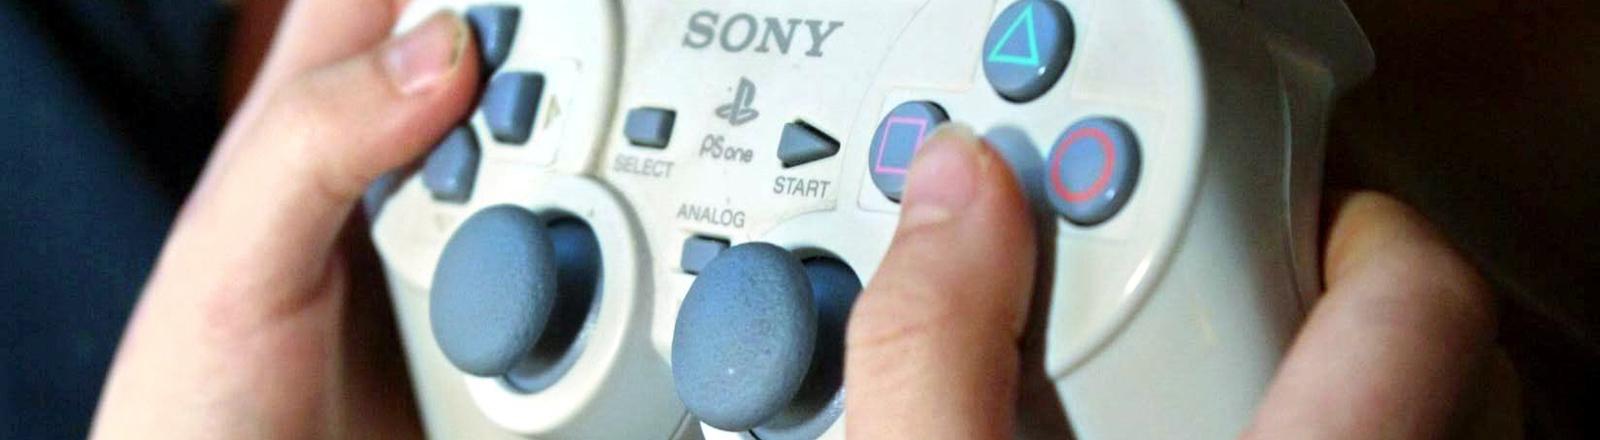 Junge spielt mit einer Playstation1.